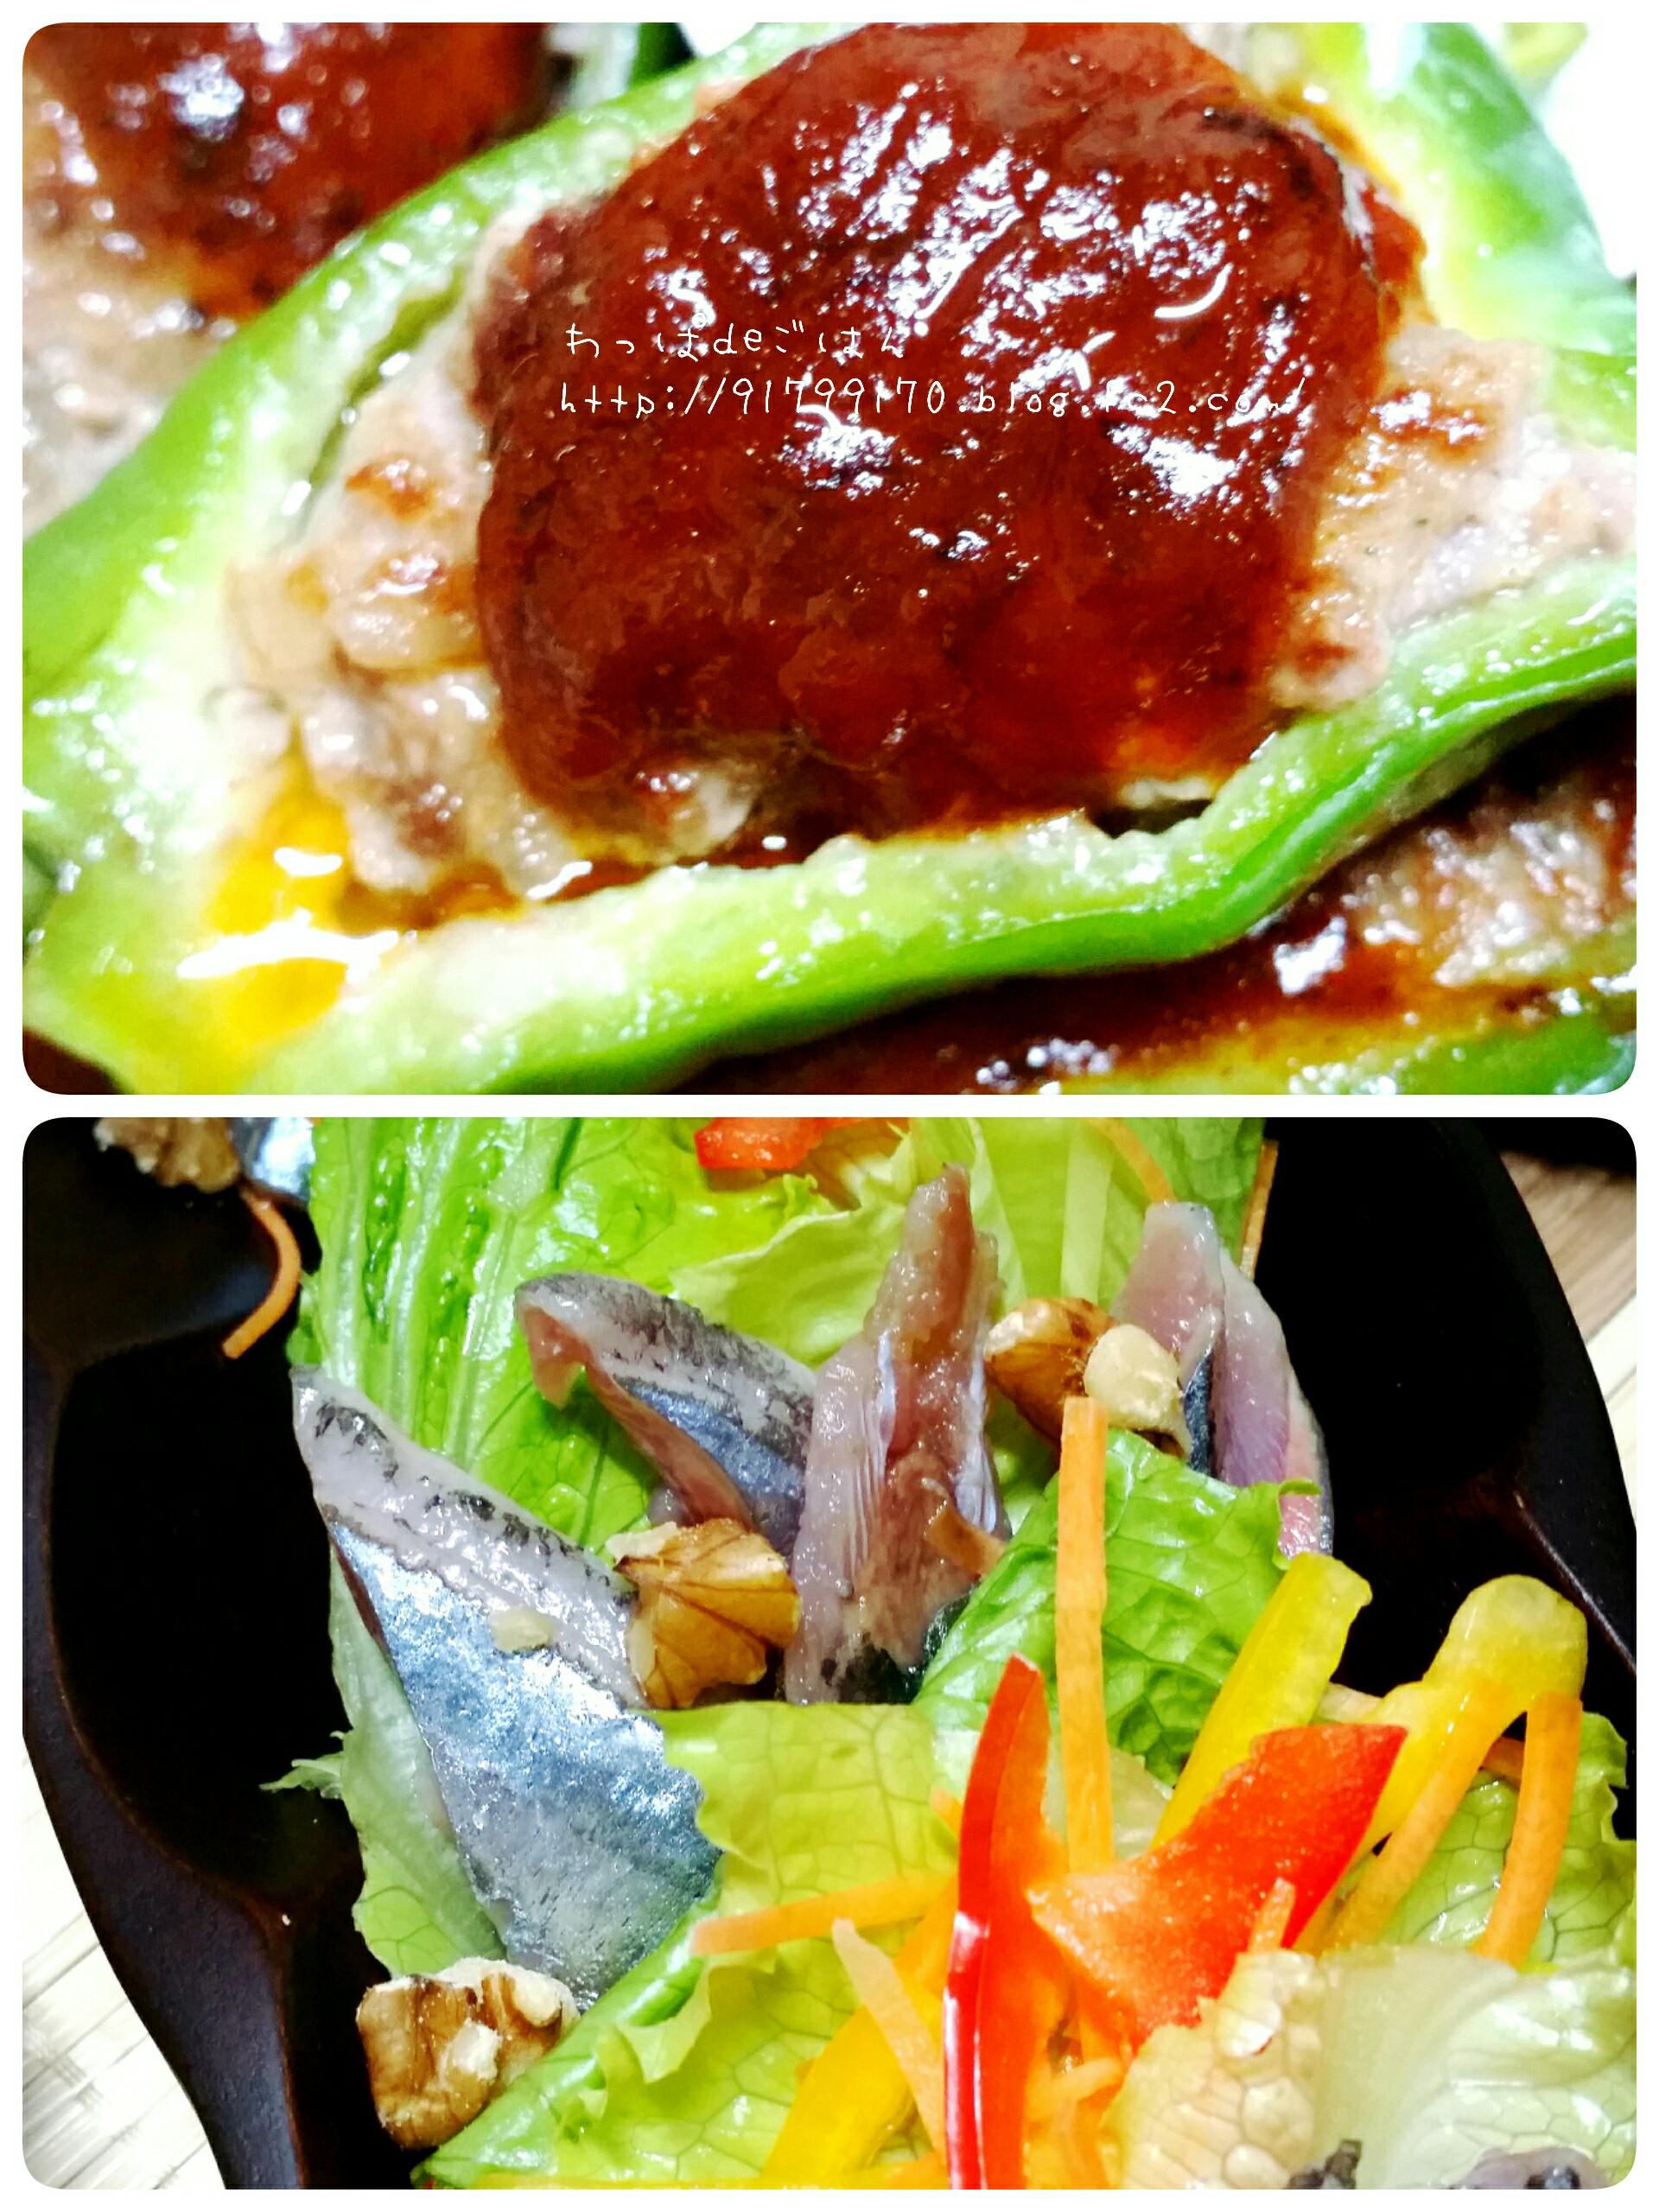 ピーマンの肉詰めと秋刀魚のカルパッチョ